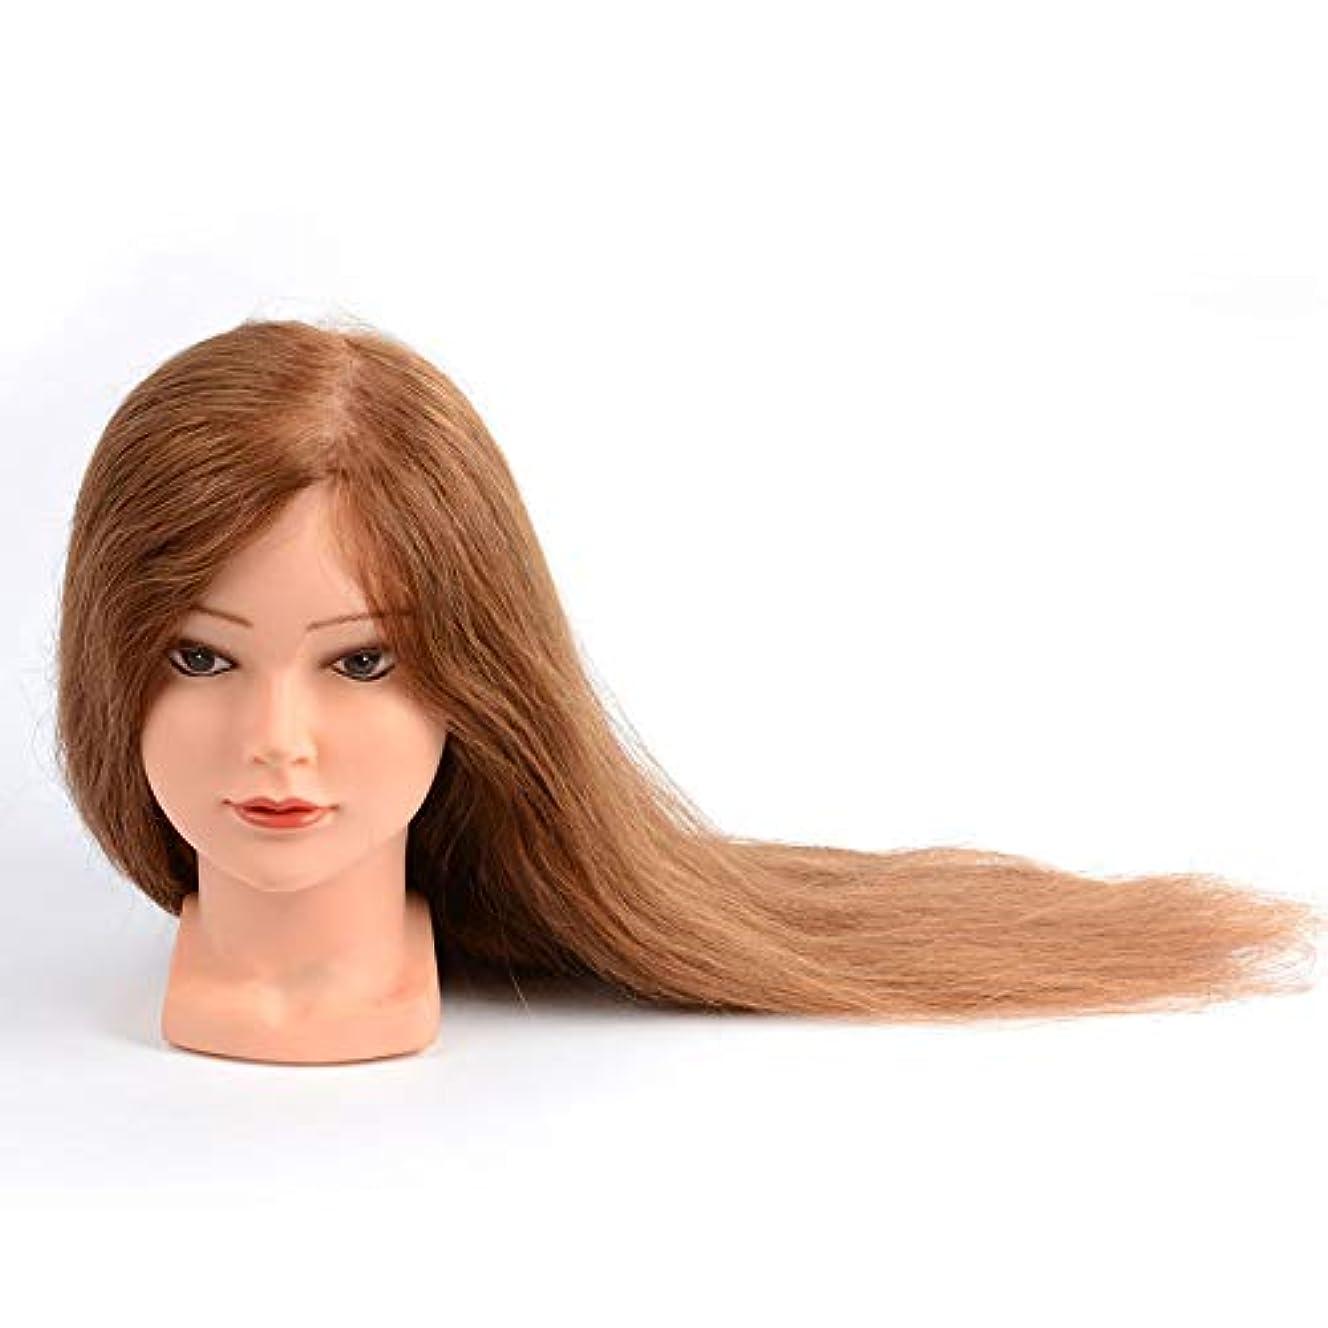 回答レーザ複数実在の人の髪のダミーヘッド理髪店学習パーマ髪染めウィッグモデルヘッド花嫁メイクスタイル教育ヘッド